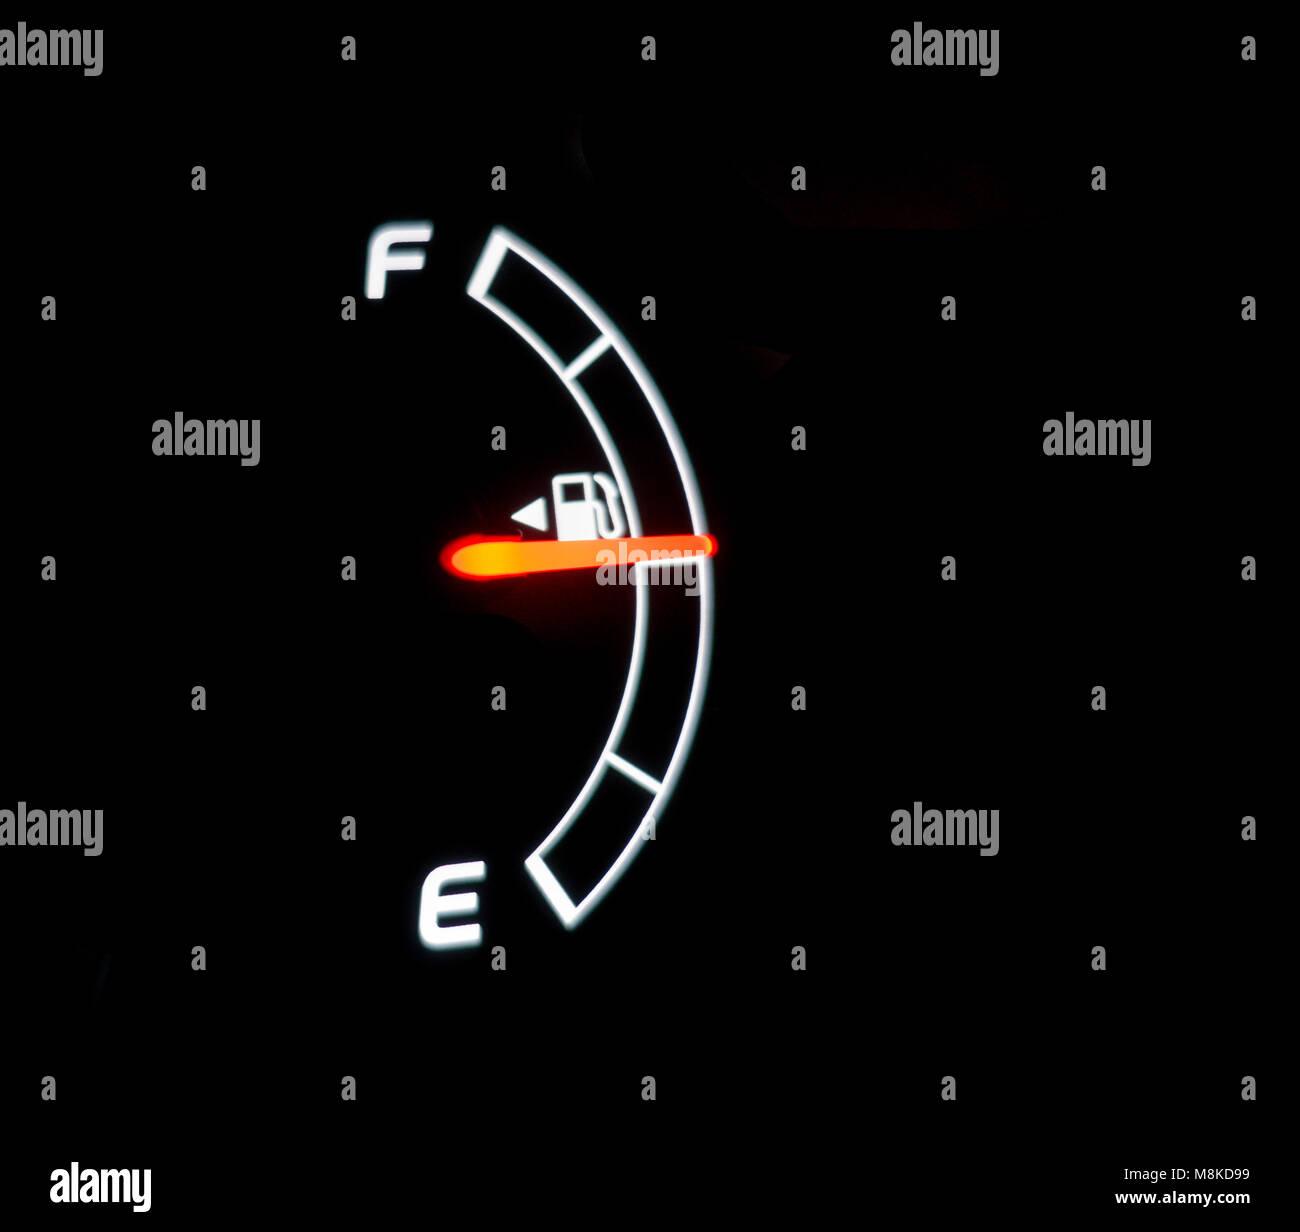 Half Full, Half Empty. Fuel Gauge, - Stock Image